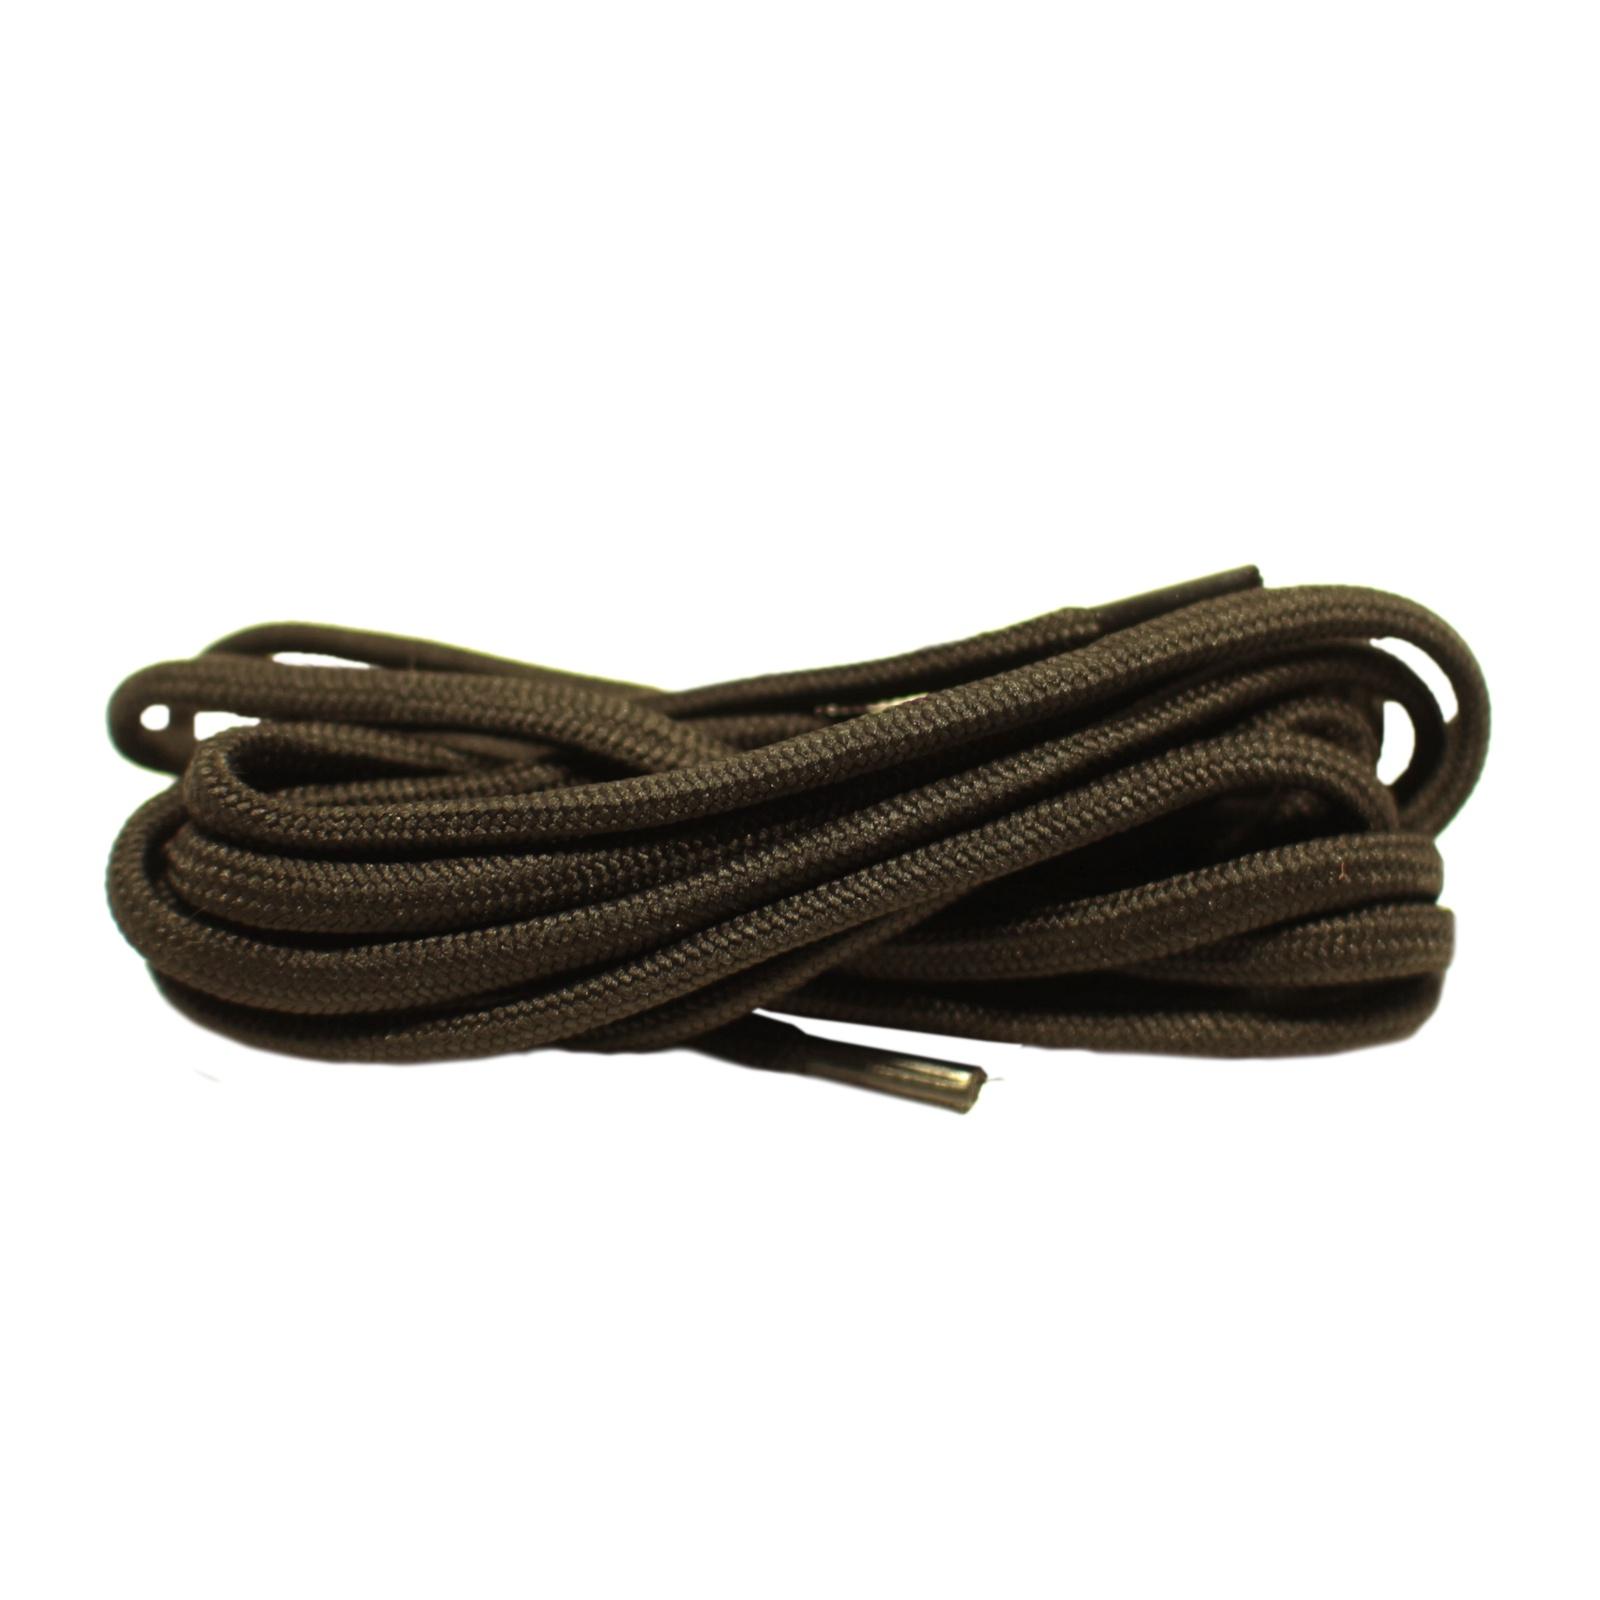 Шнурки Шнурком В865 круглые 6мм 120см, черный шнурки для обуви радуга active усиленные круглые с наполнителем цвет белый 110 см